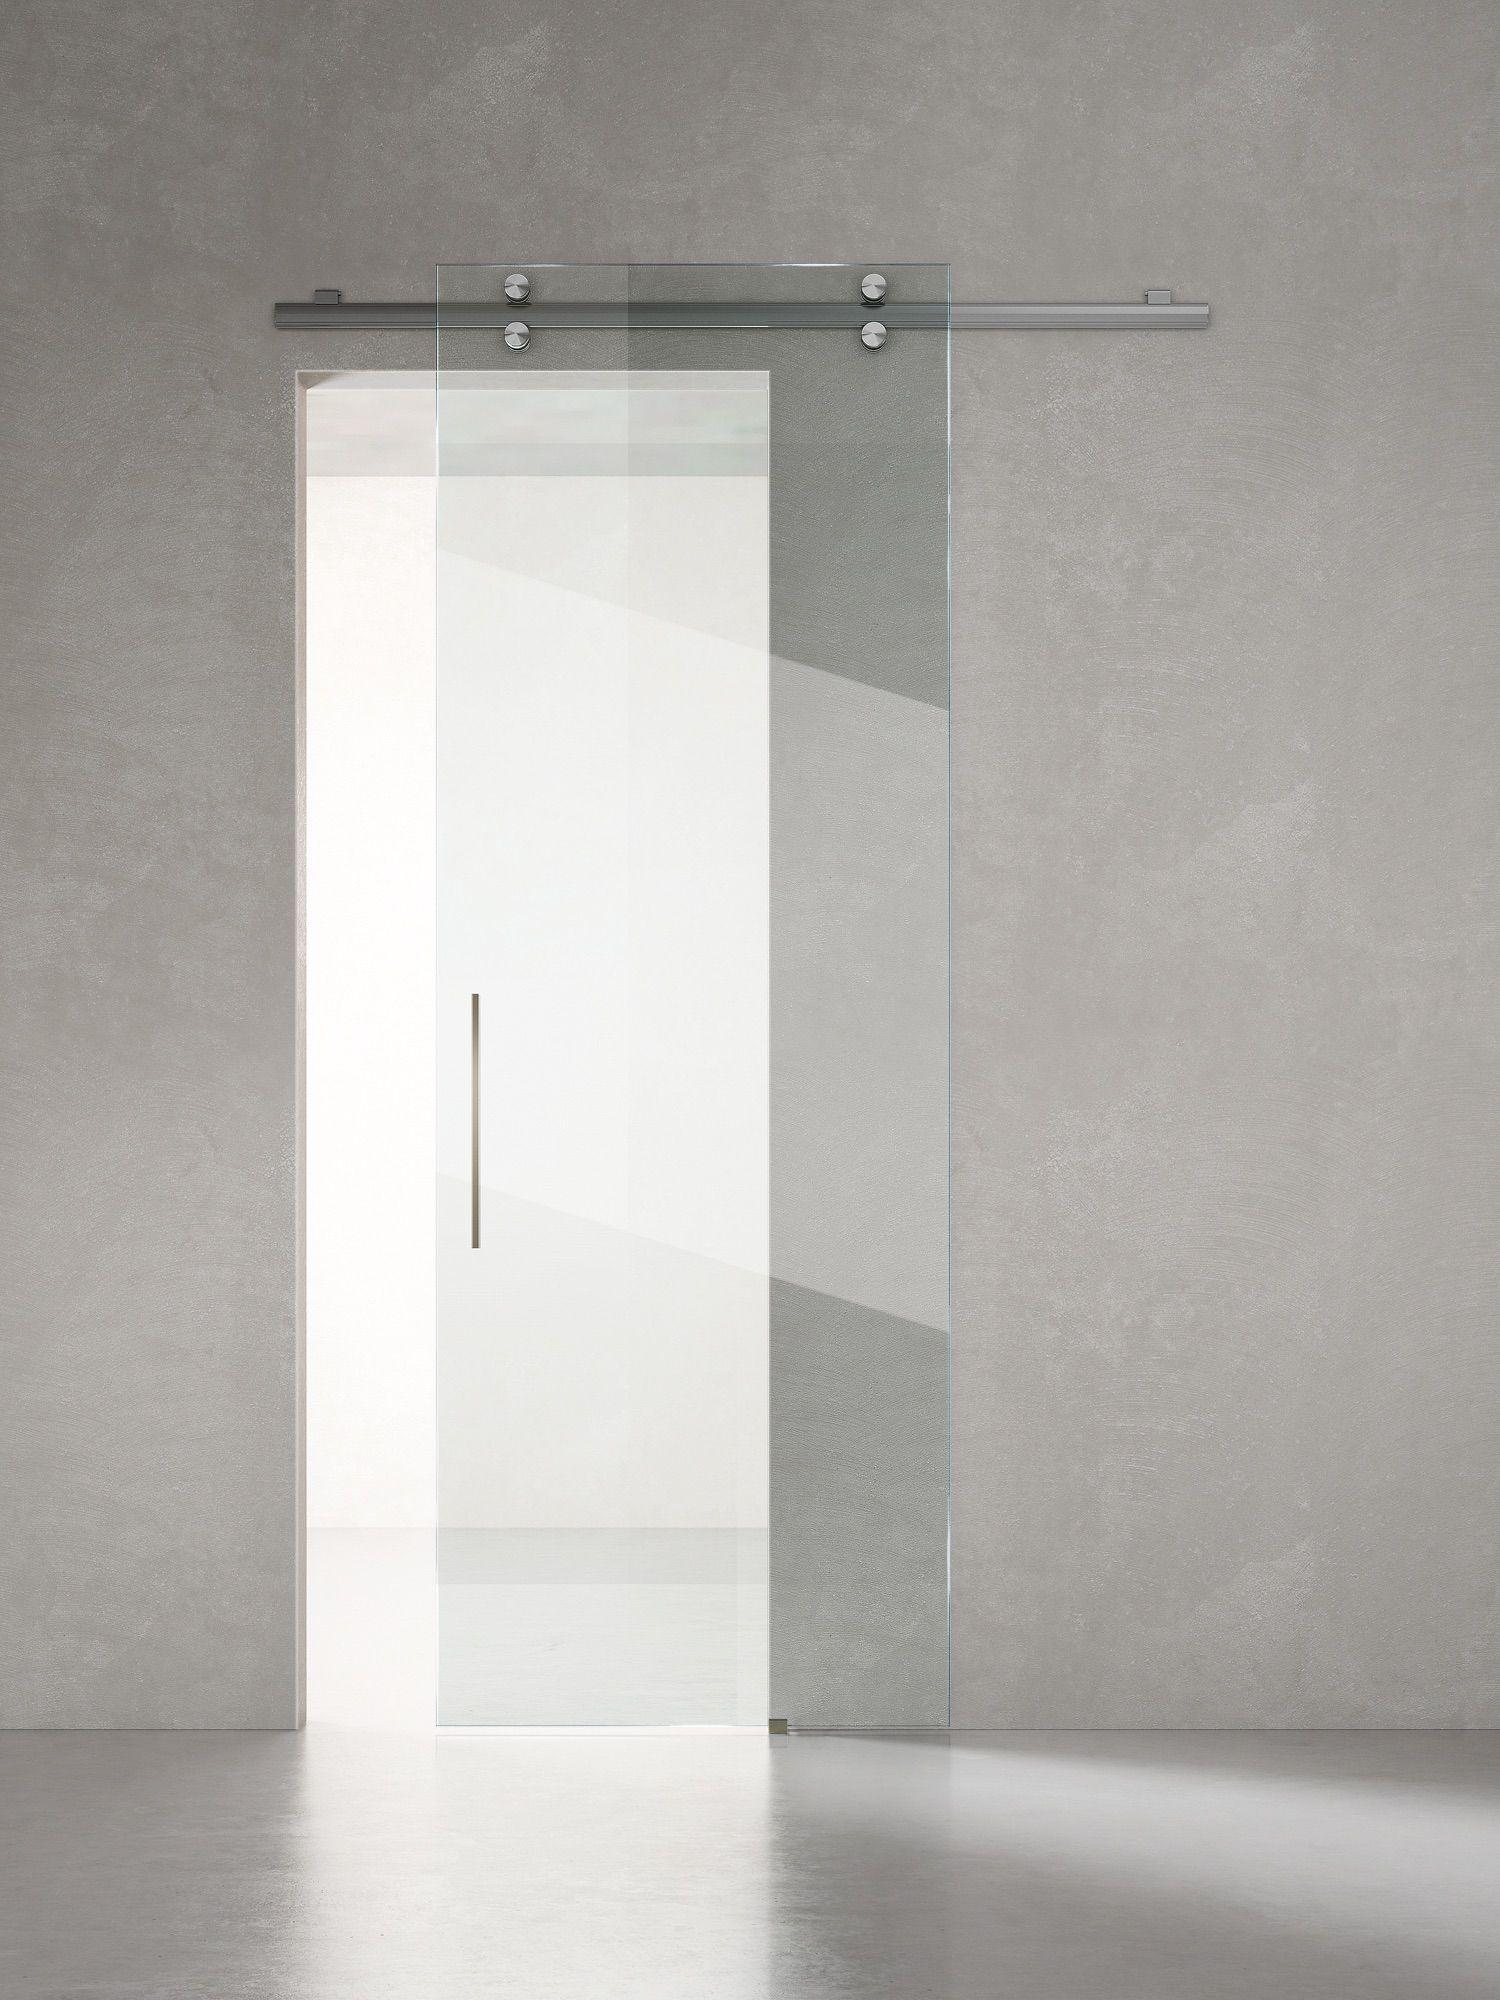 Porte Scorrevole Esterno Muro.Linea Vitra Porta Scorrevole Esterno Muro Porte Sistemi Henry Glass